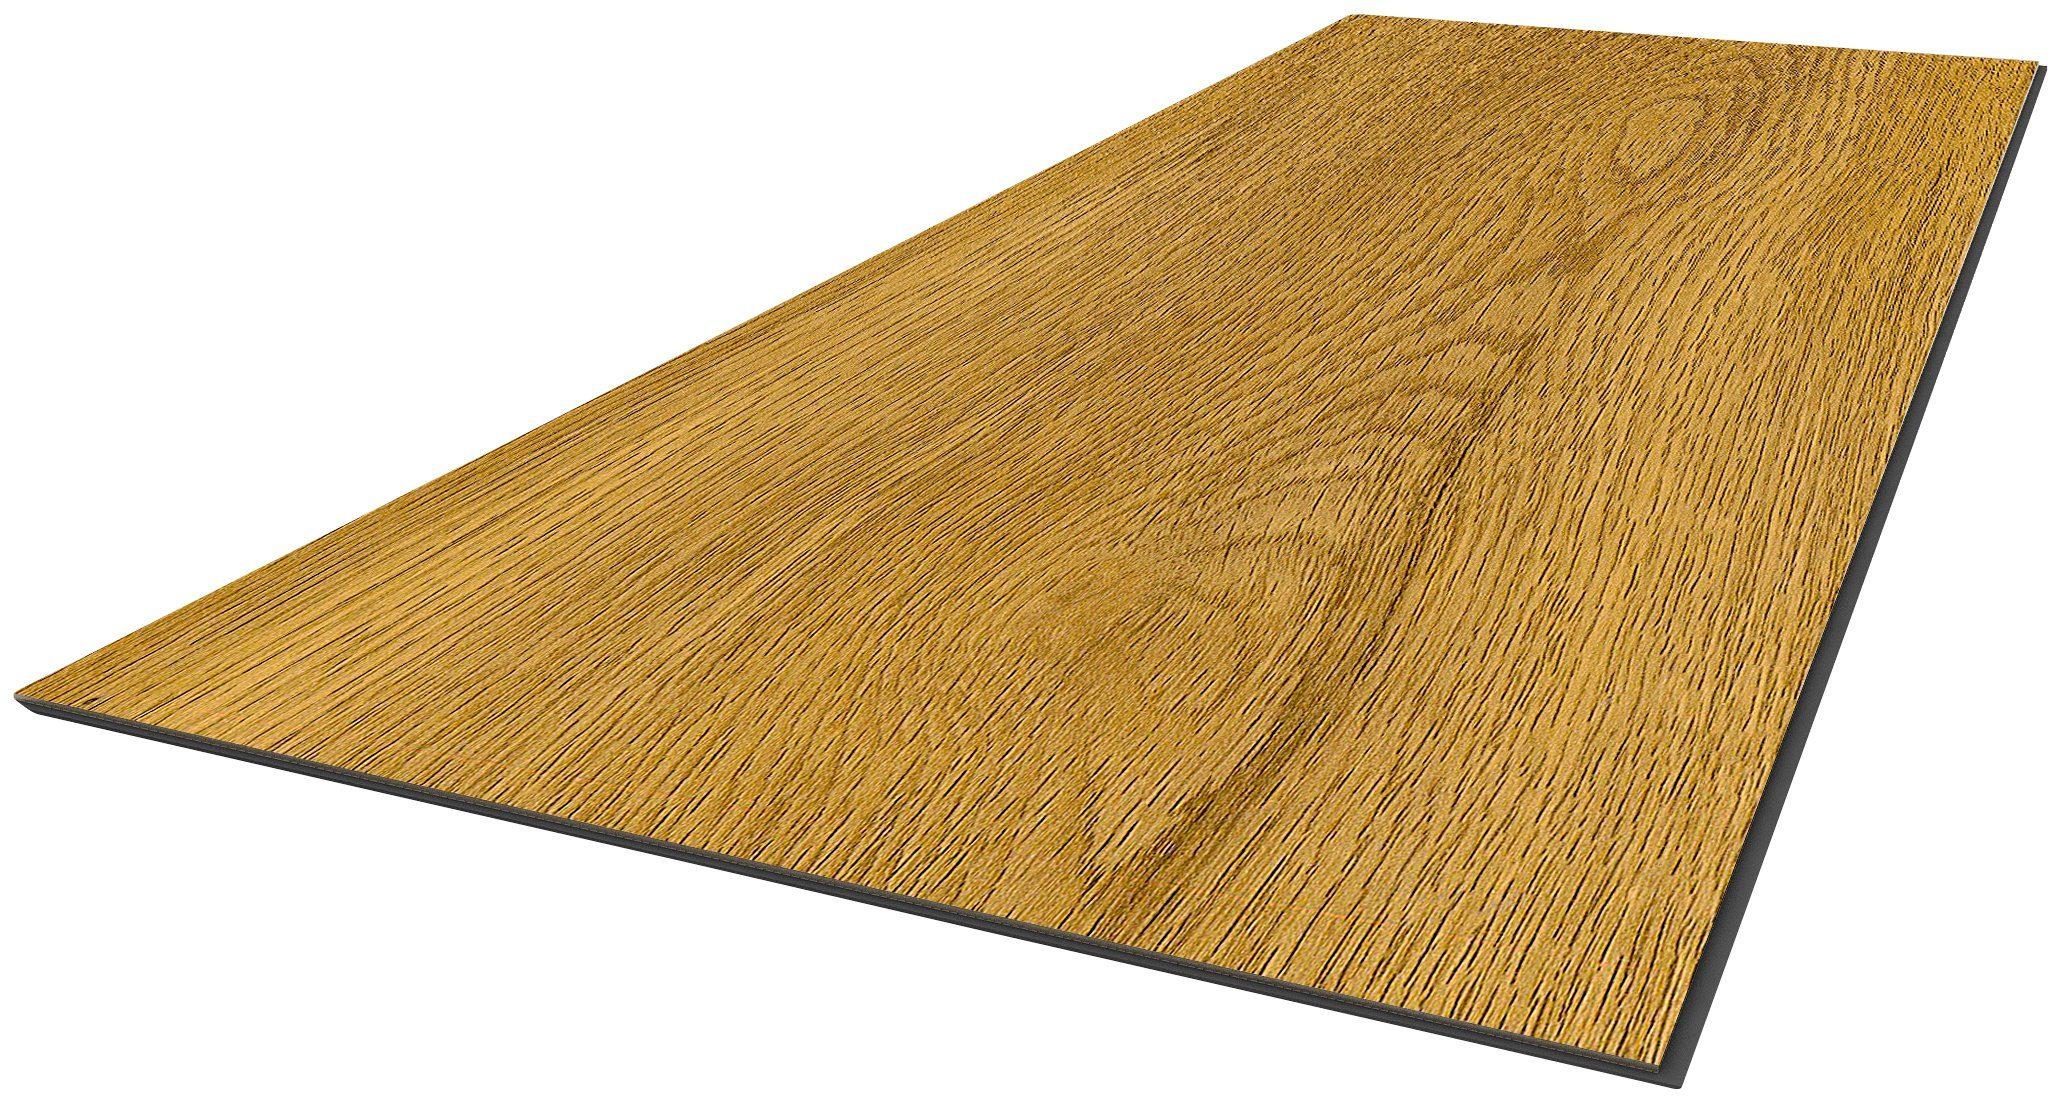 Vinylboden »Trento - Eiche natur«, 60 x 30 cm, Stärke 4 mm, 3,34 m²